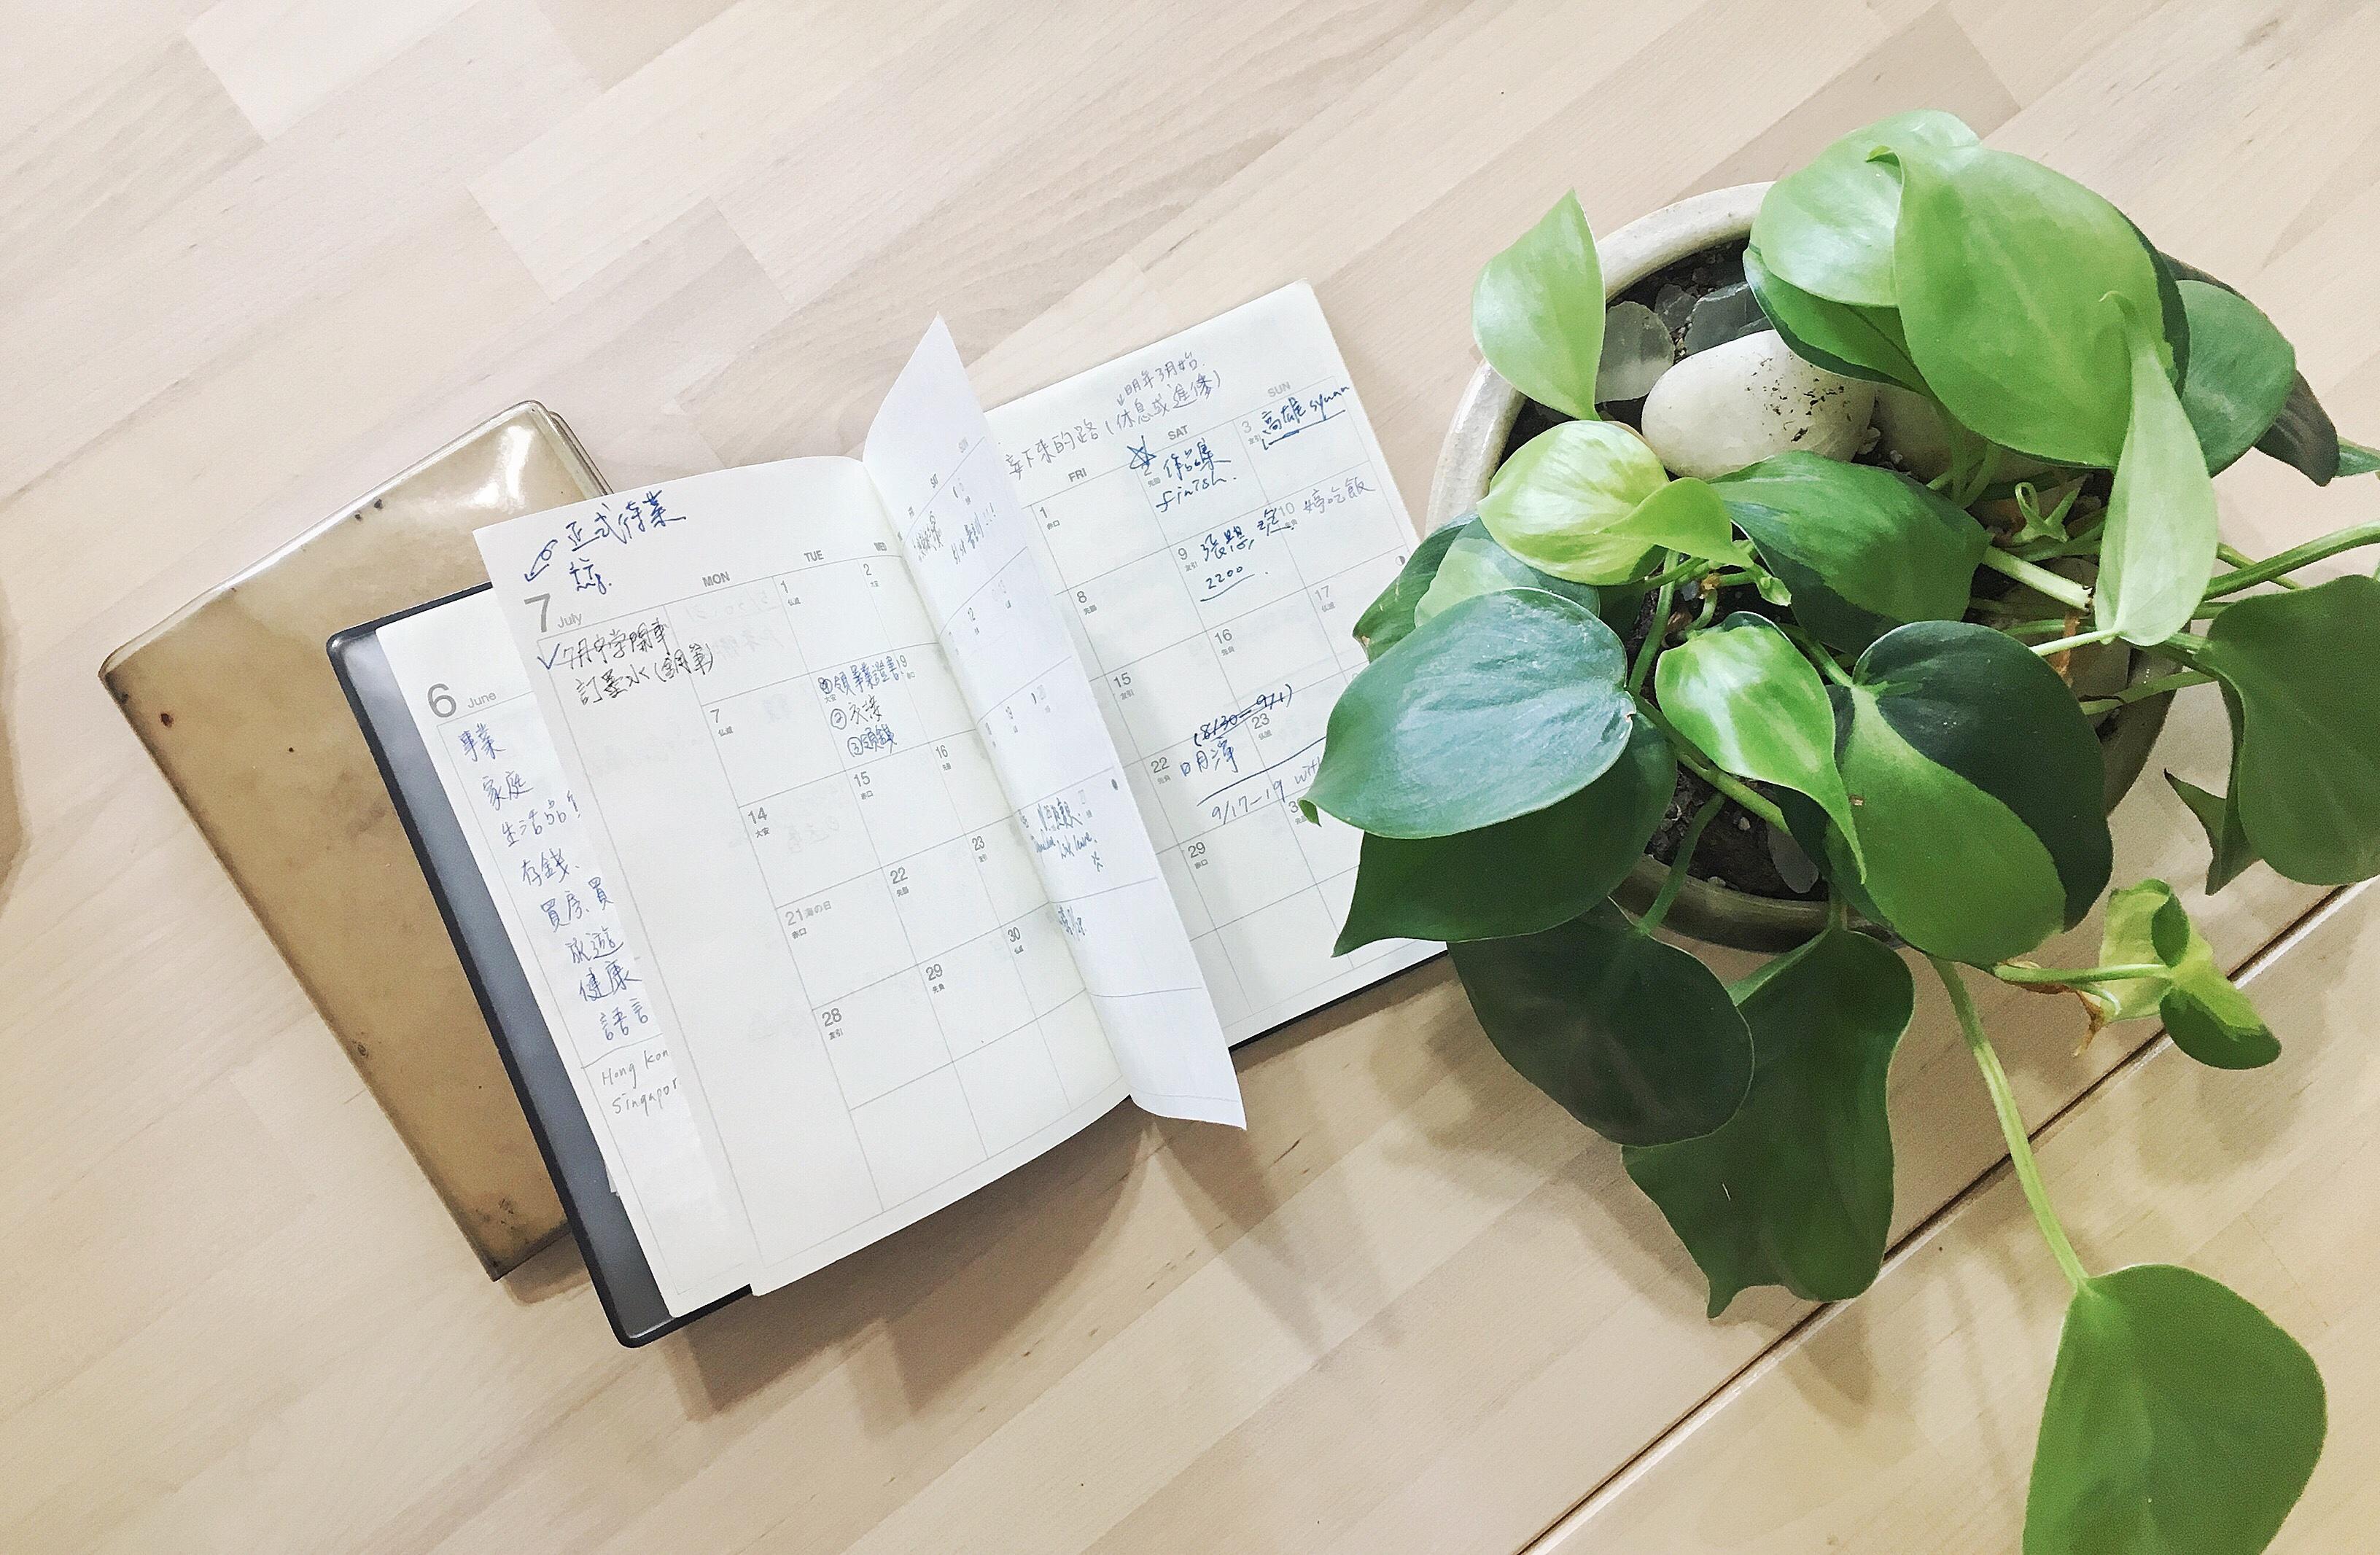 日記, 自由工作者, 接案, blog, 部落格